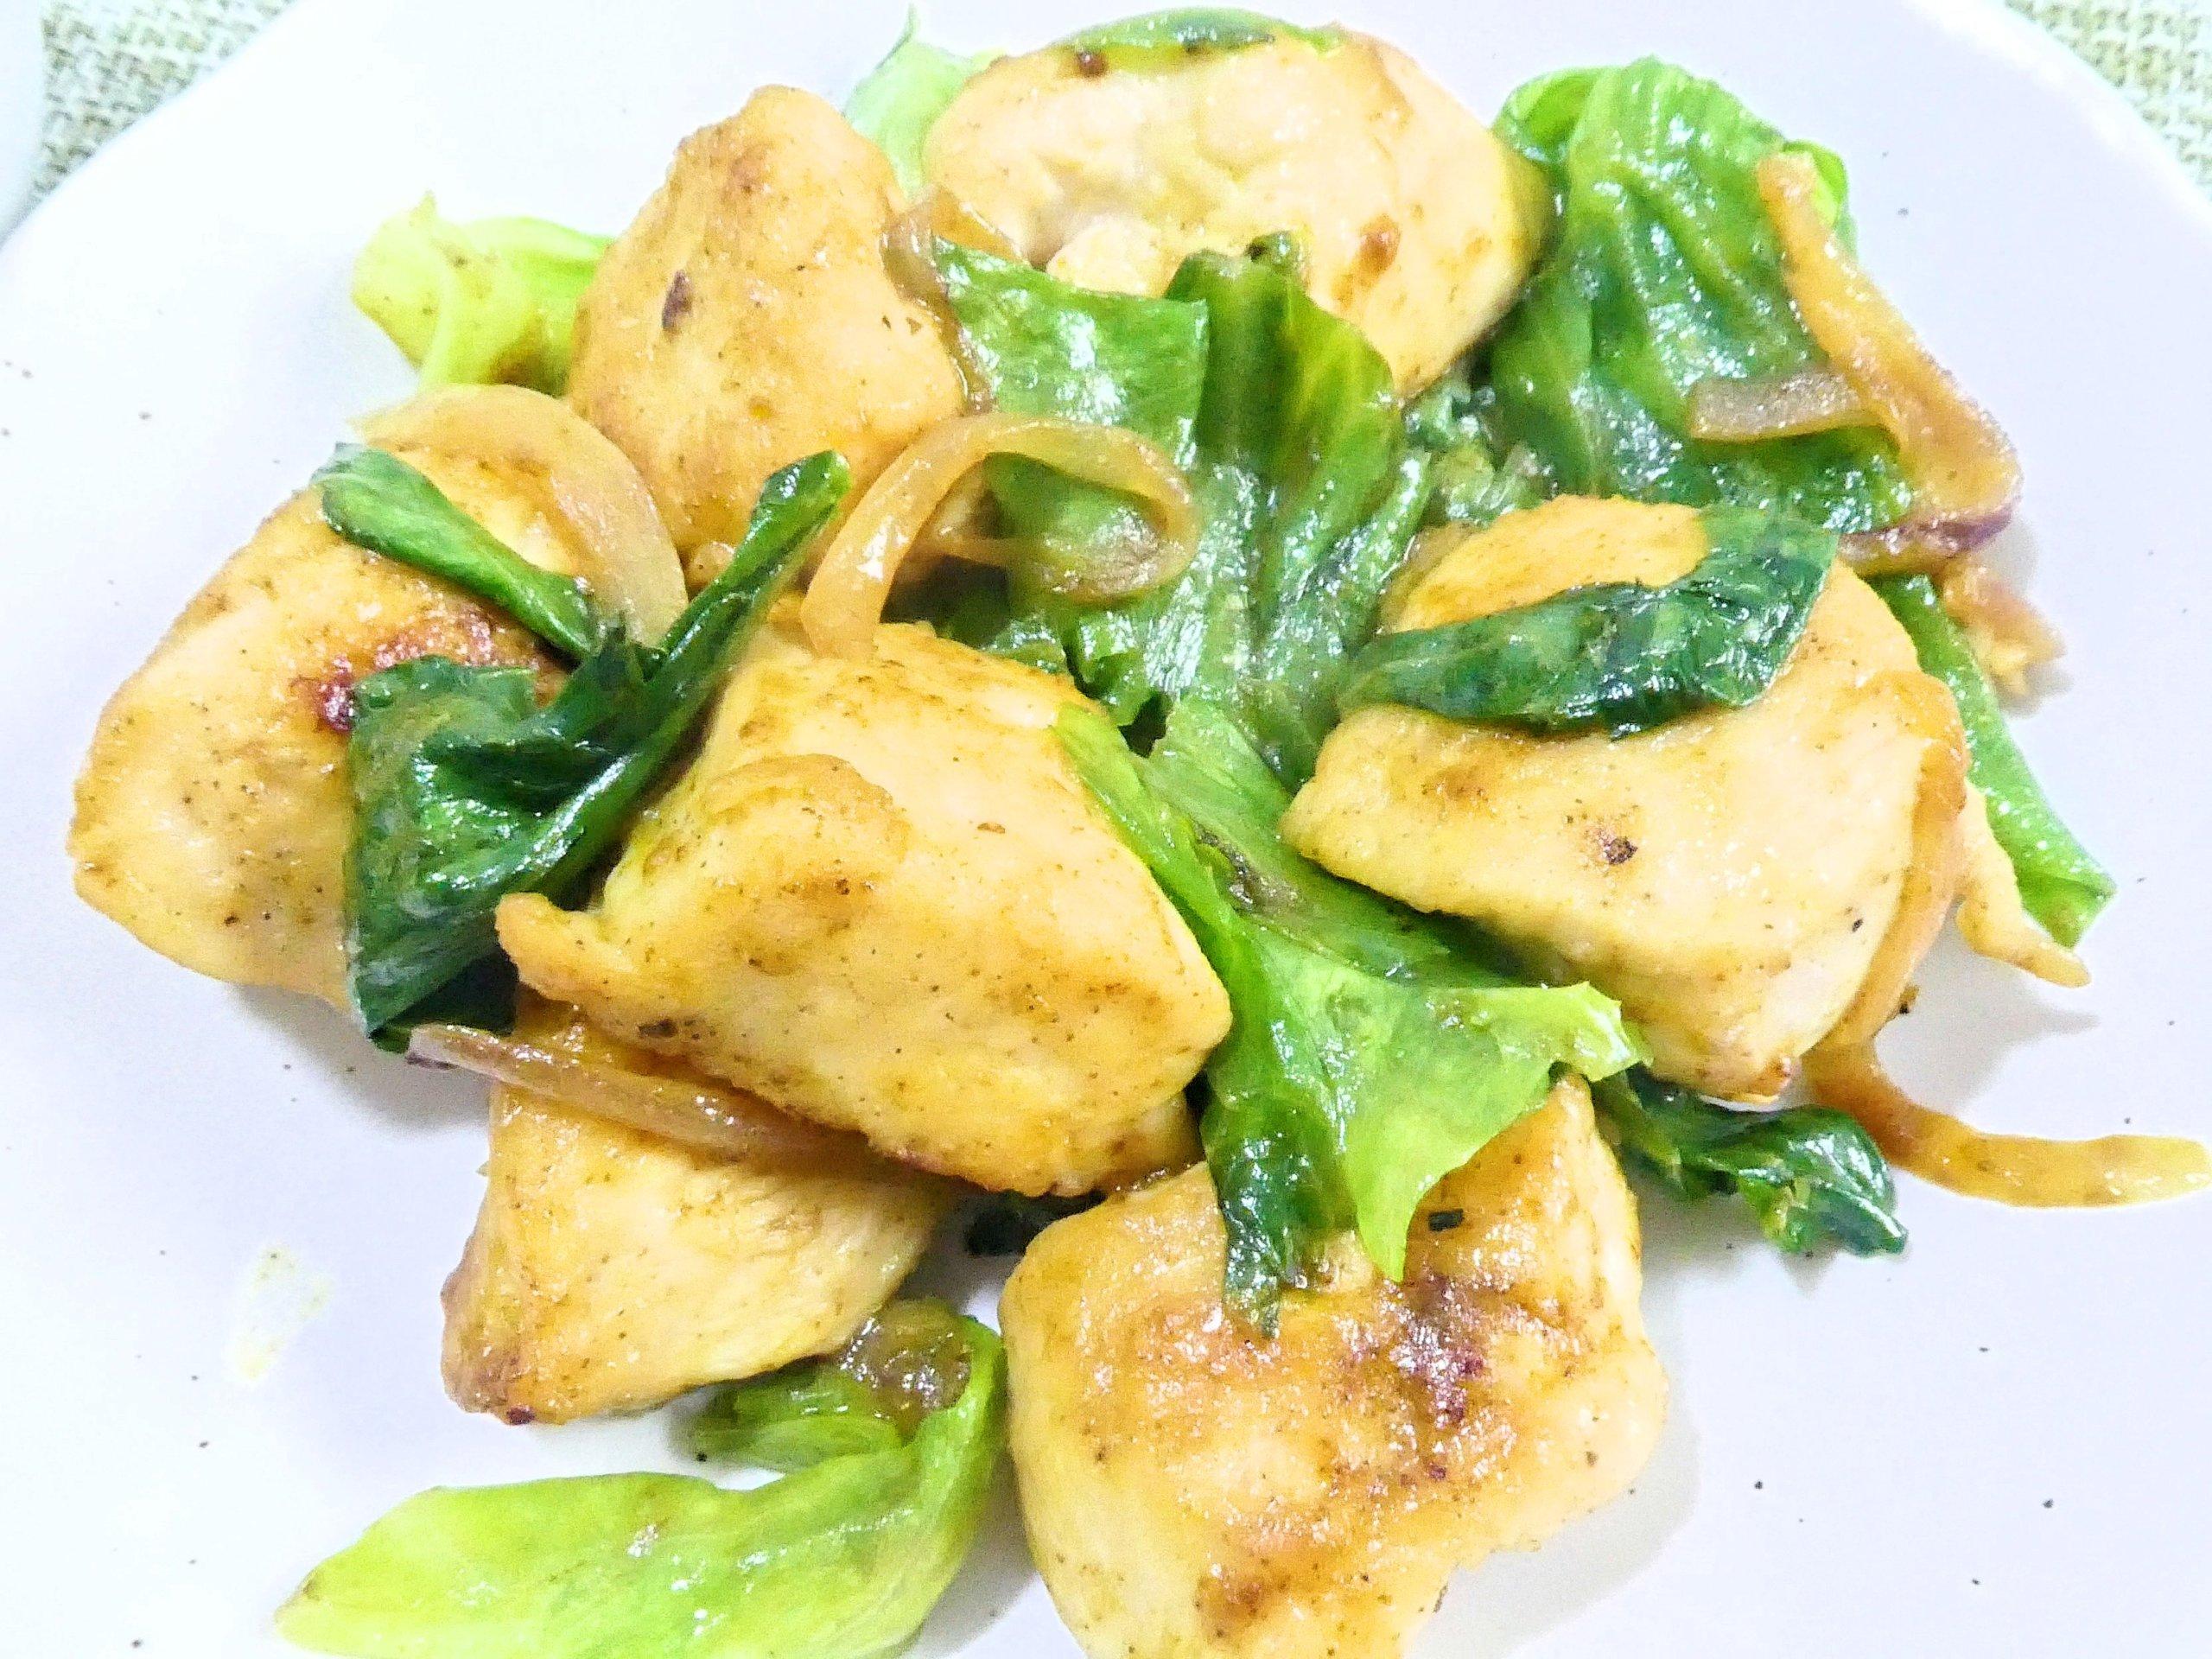 鶏胸肉とレタスのカレー炒め